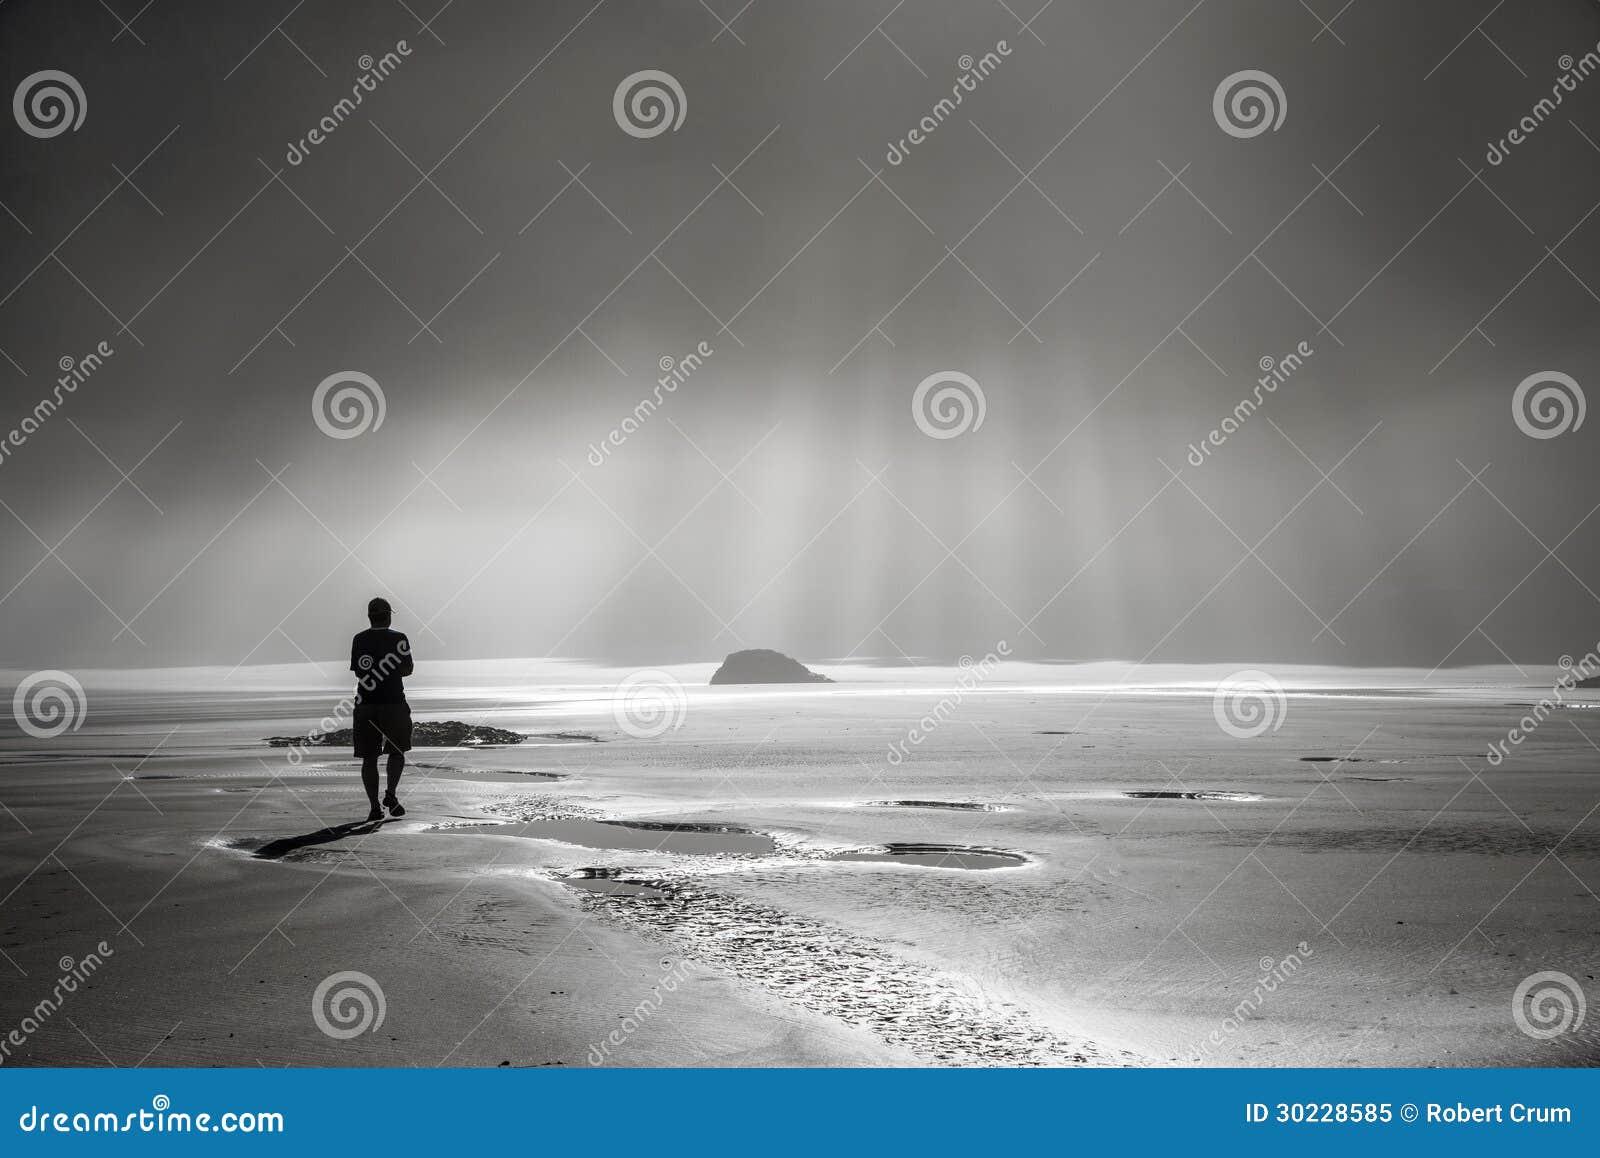 Persona que camina hacia rayos de sol